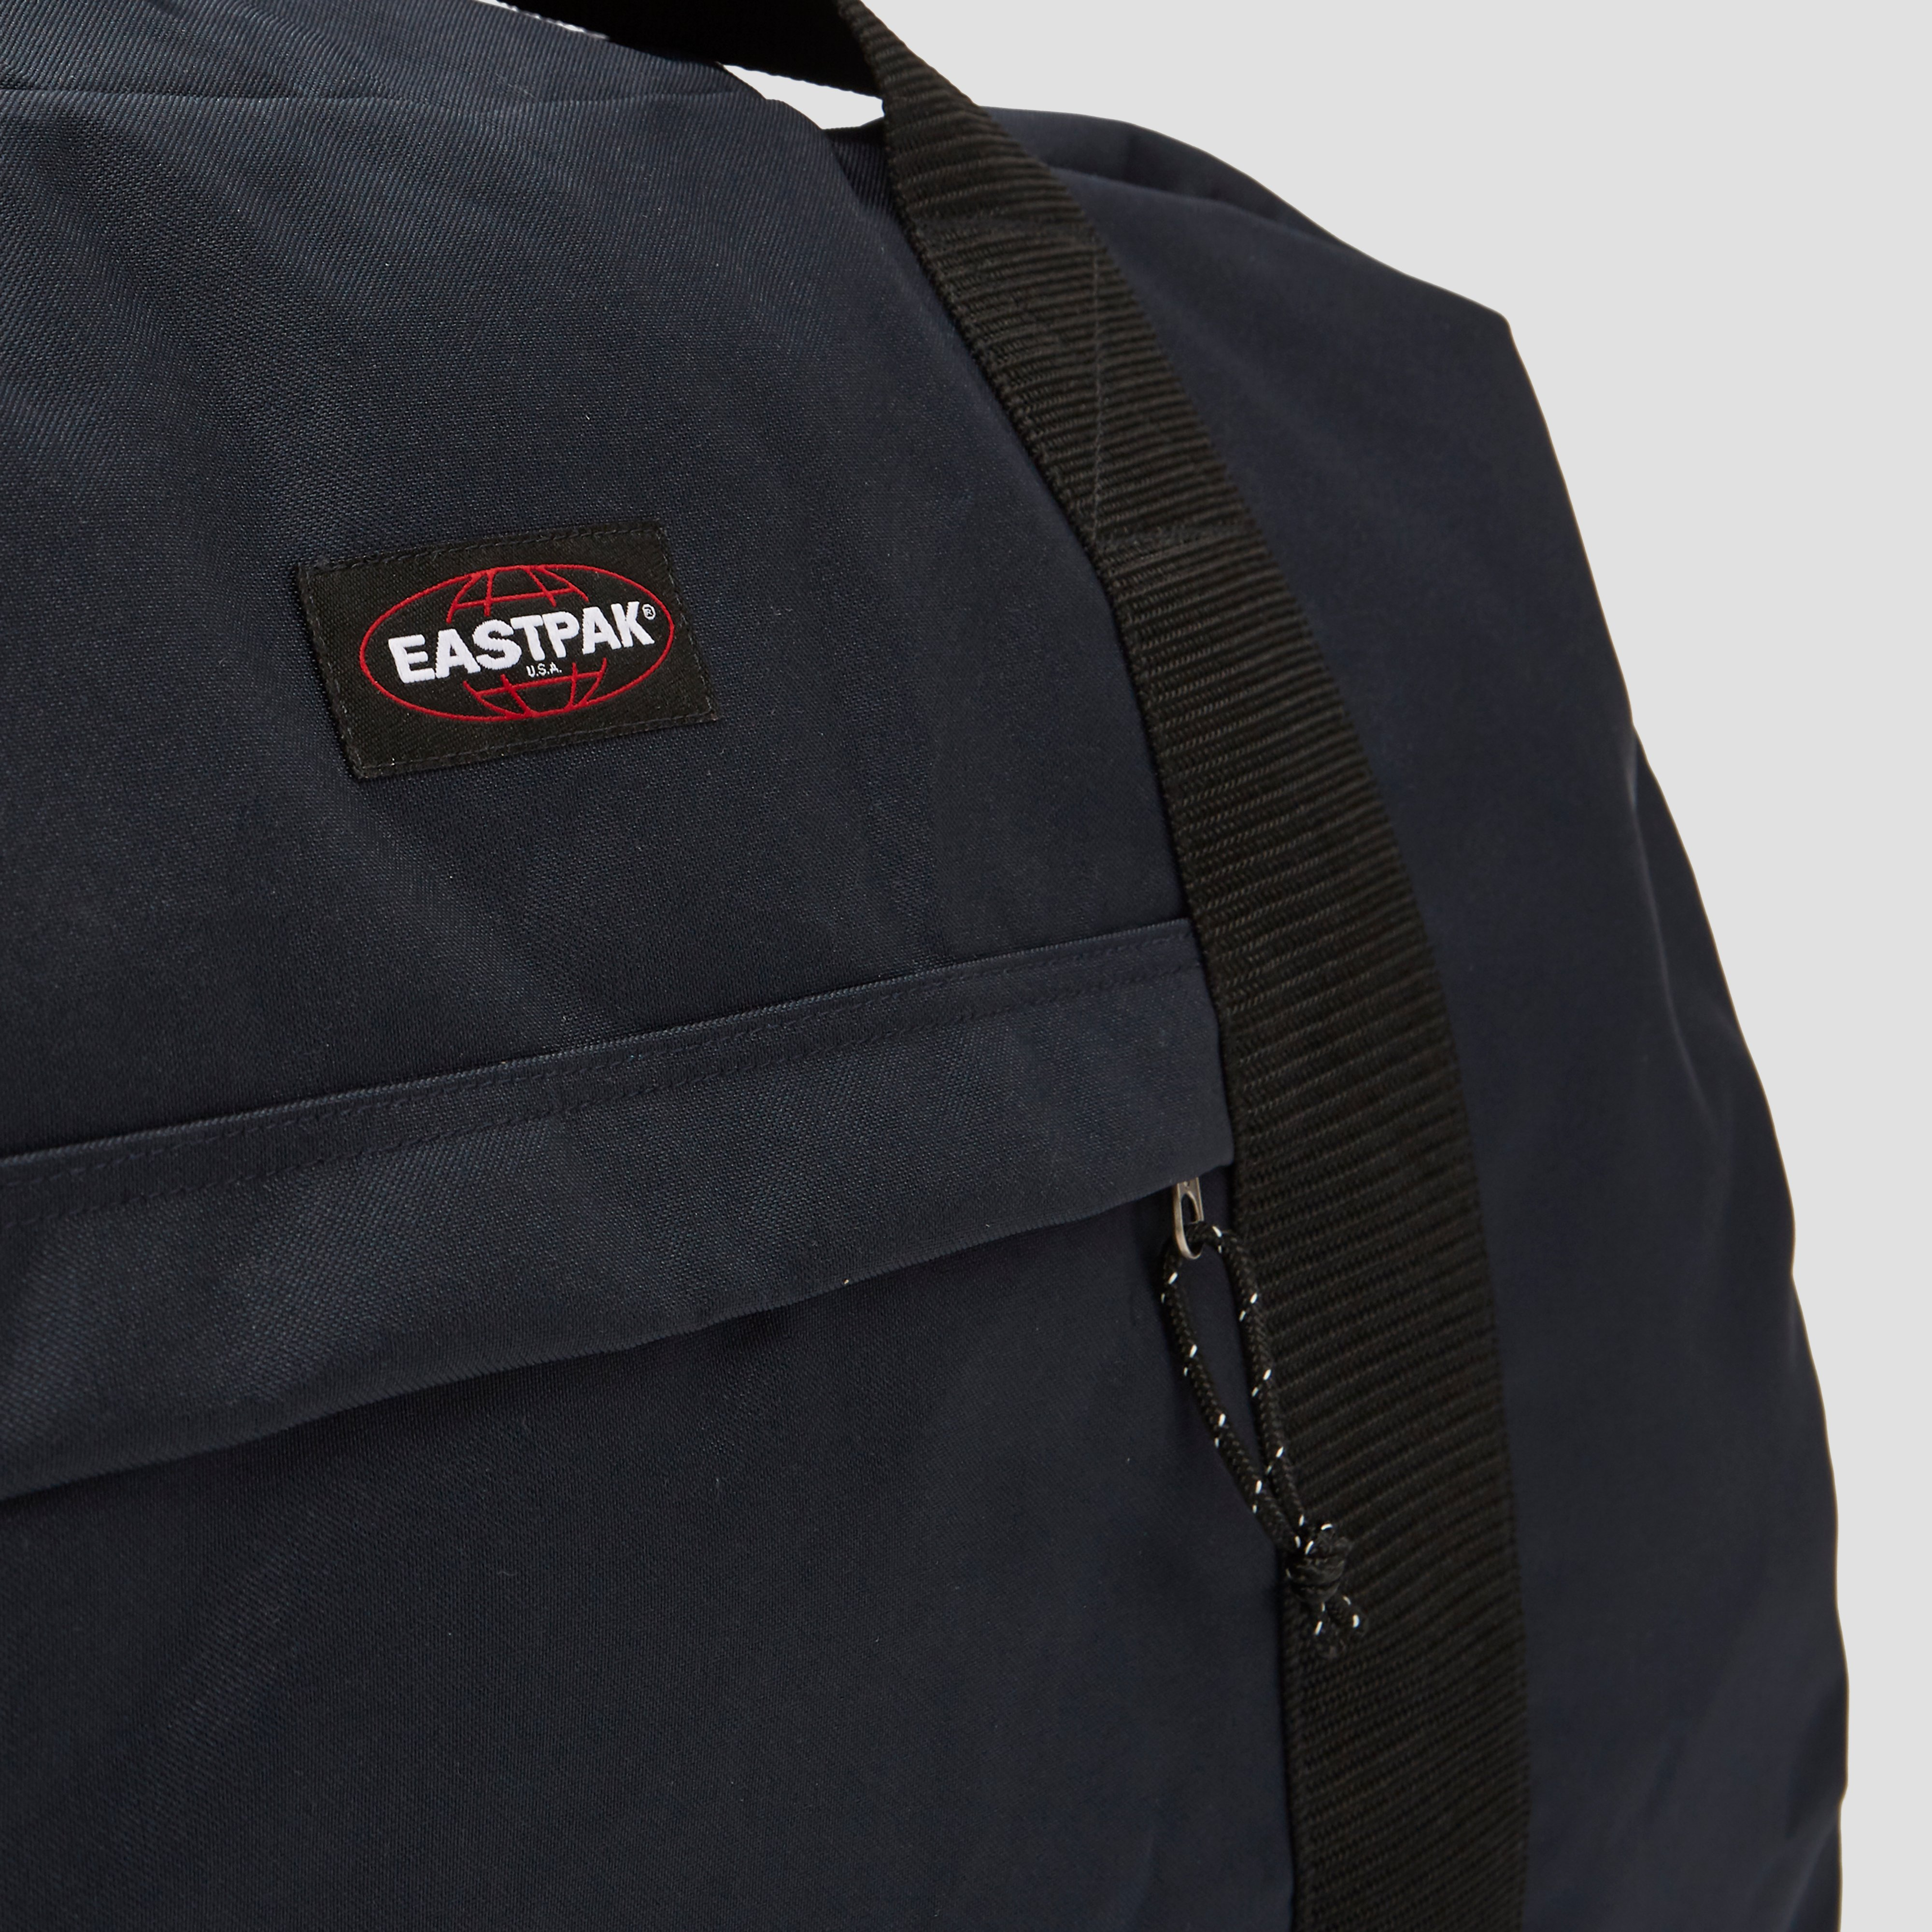 EASTPAK CONTAINERS 85 + REISTAS MET WIELEN BLAUW